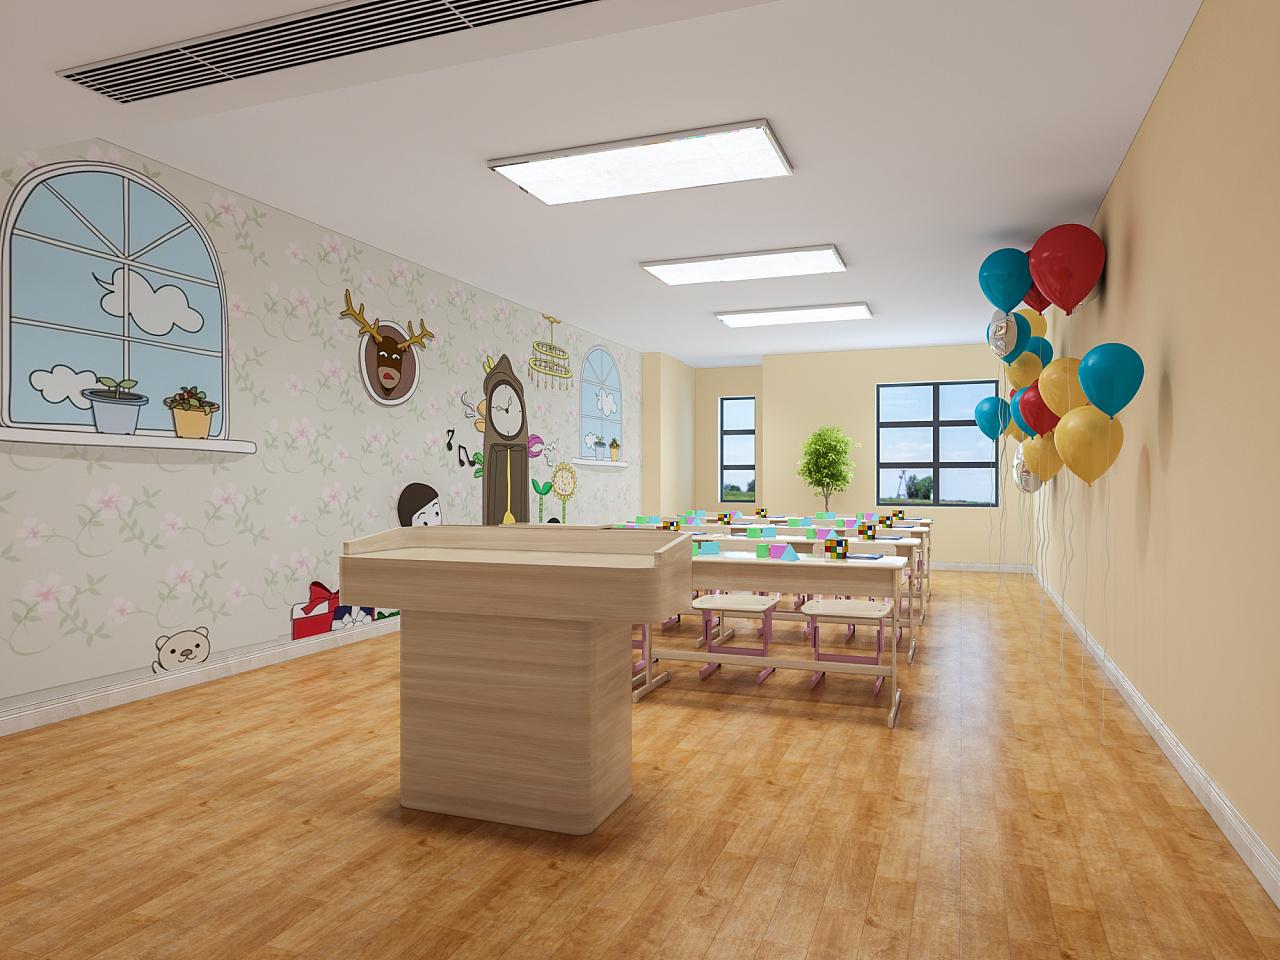 公装装修公司告诉你,幼儿园装修设计色彩如何搭配?